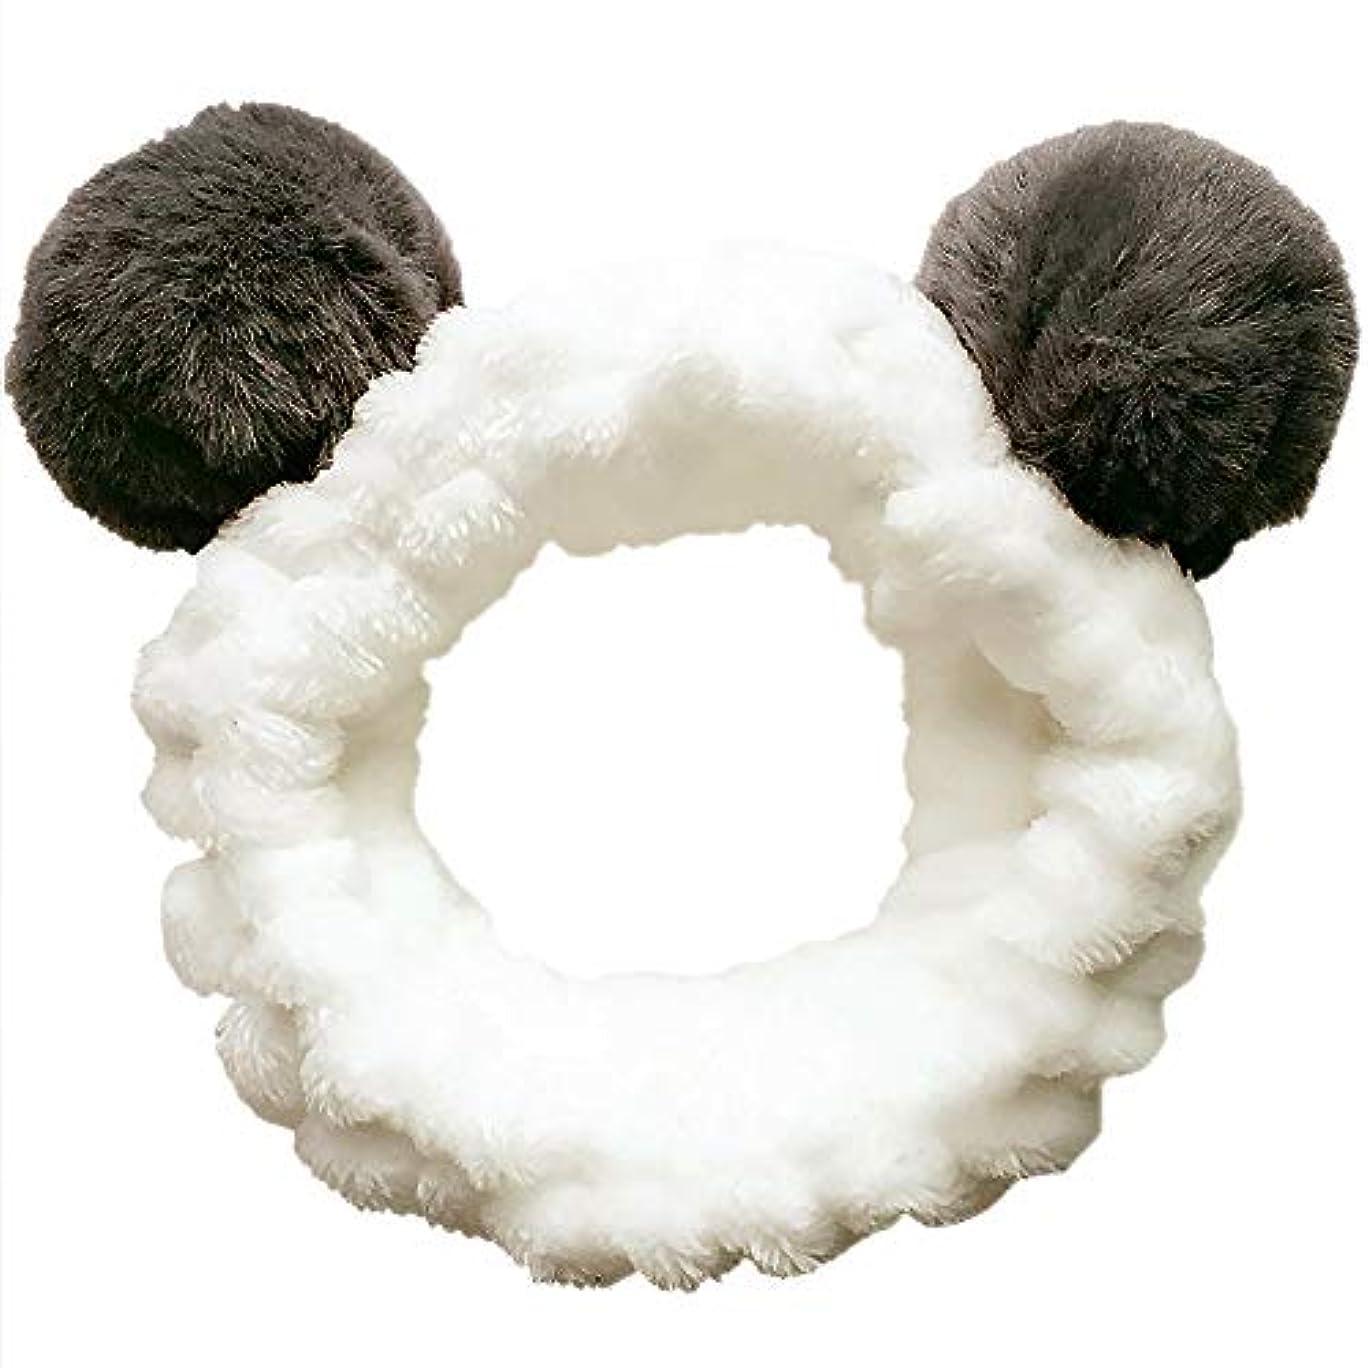 冗談で揺れる床ヘアバンド 洗顔 動物 パンダ型 柔らかい 吸水 ターバン レディース ヘアアレンジ 伸縮性あり アニマル ふわふわ